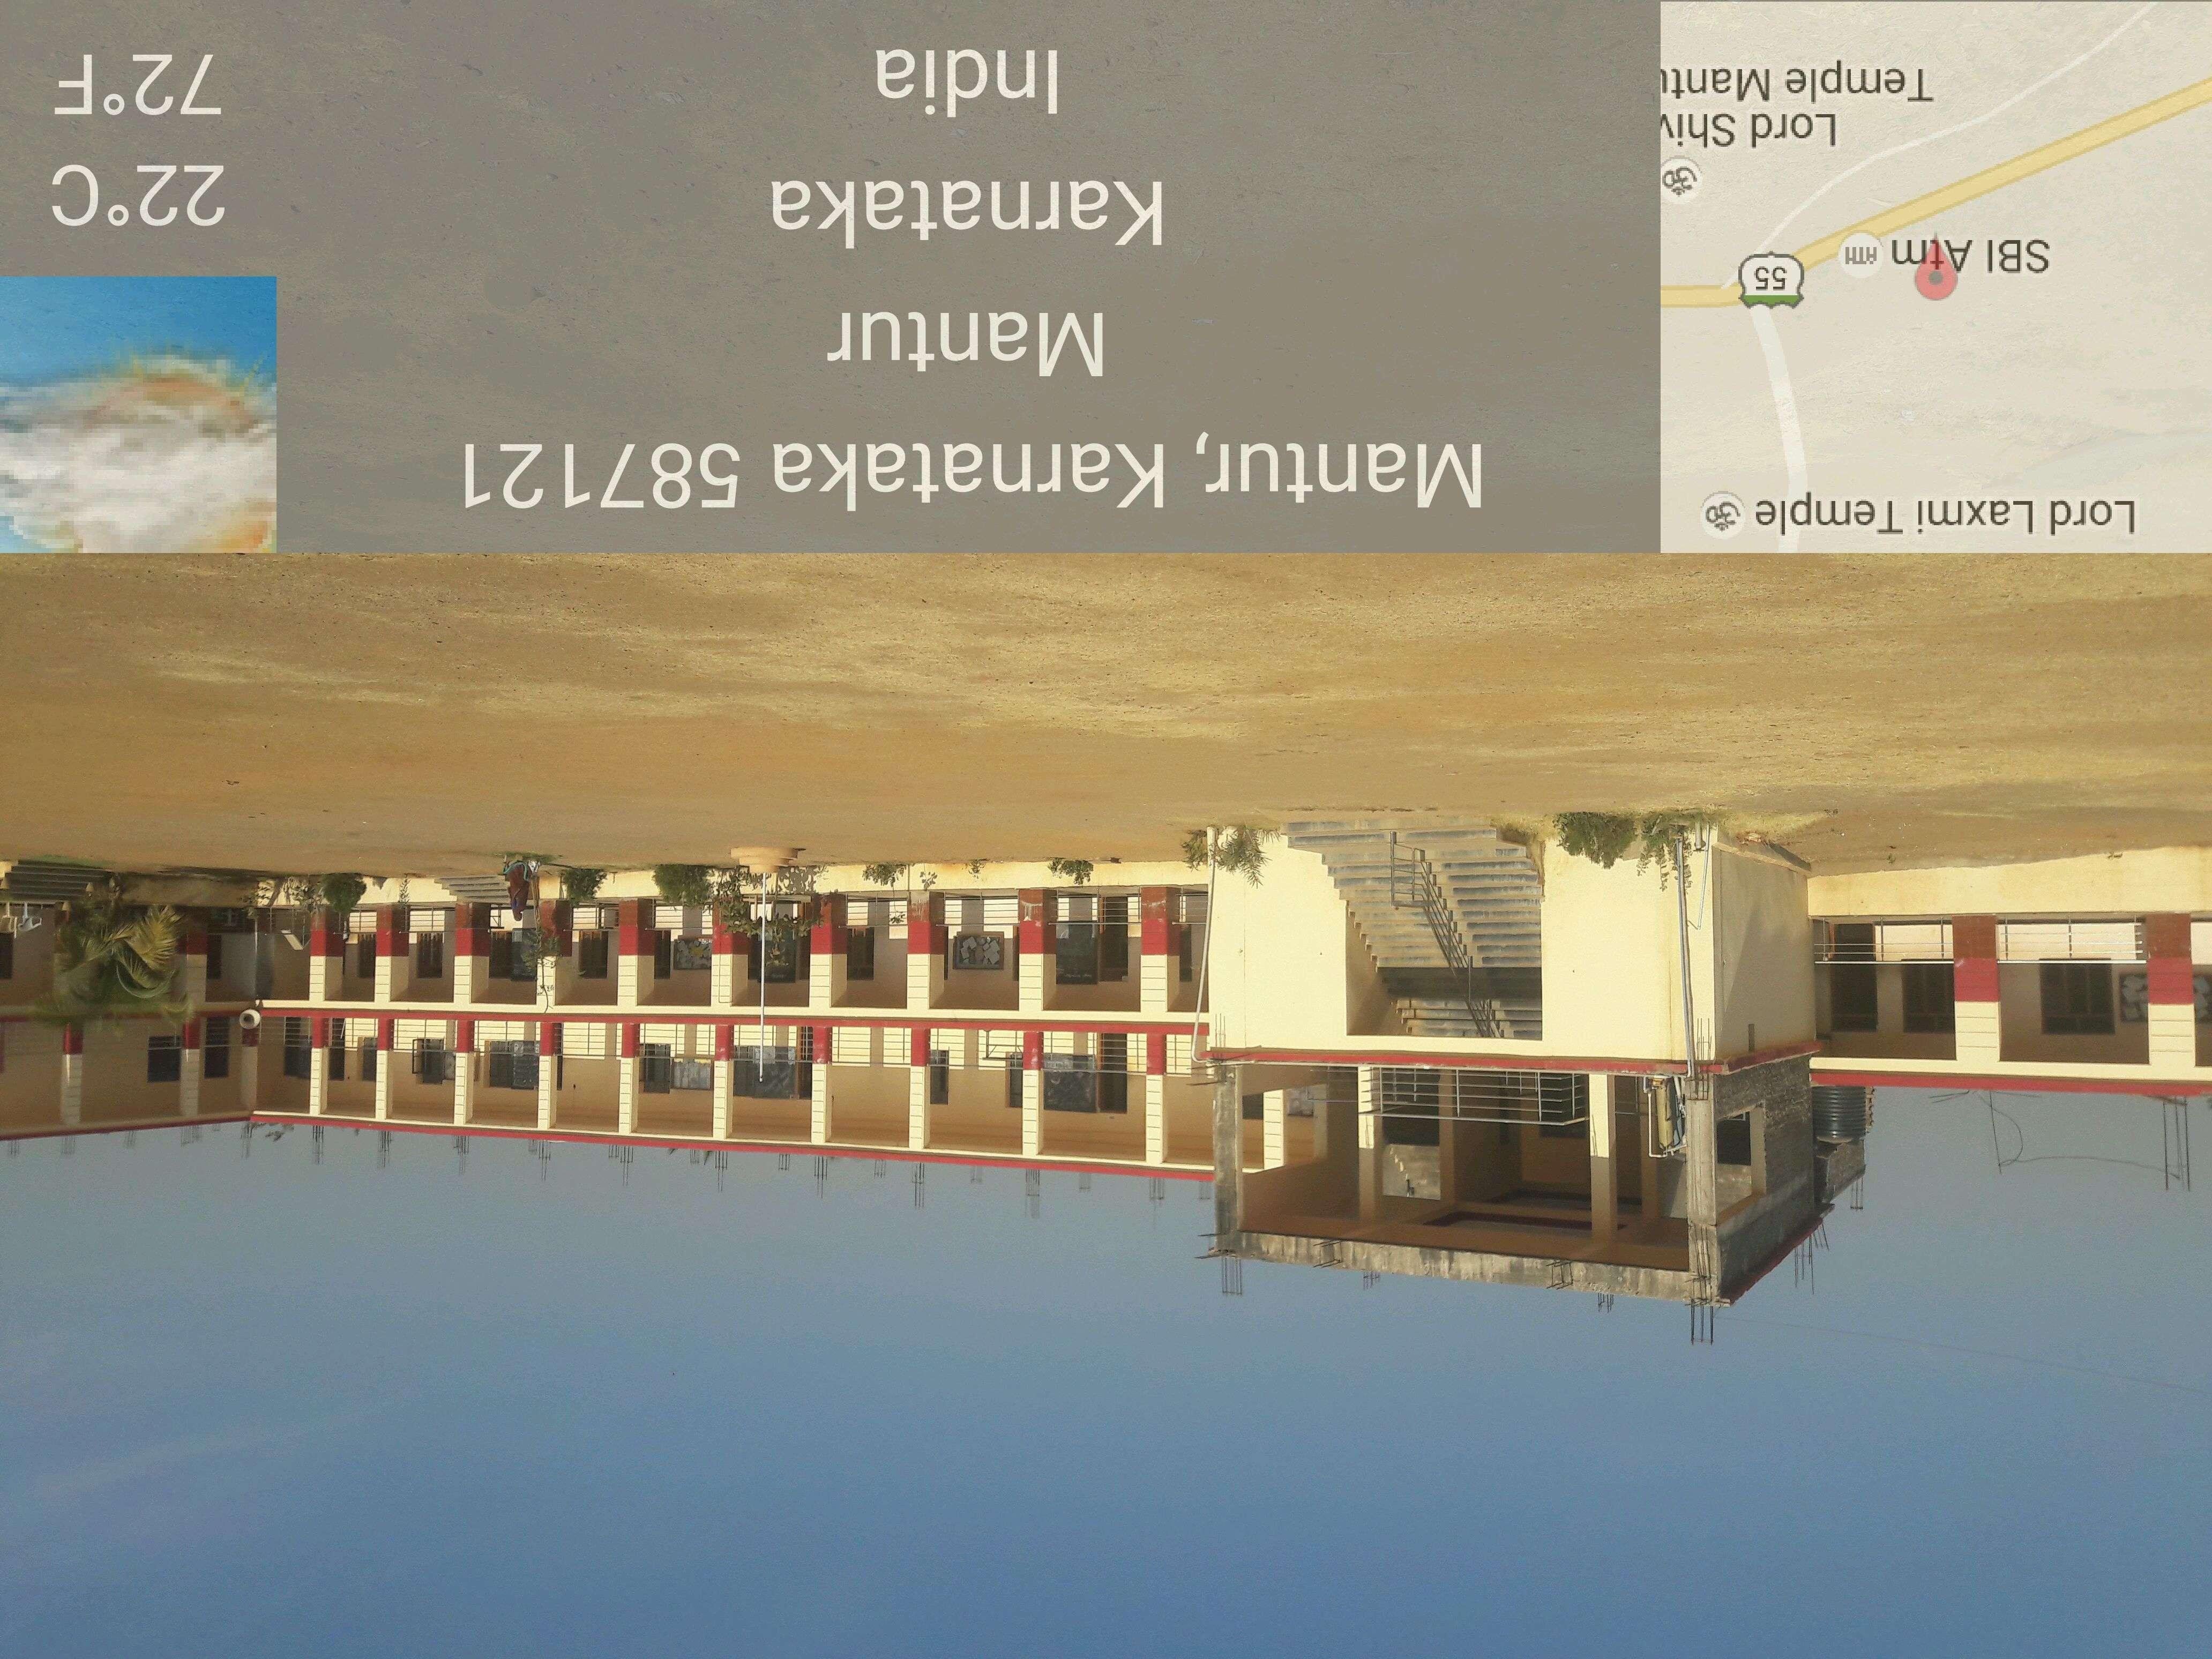 Smt KAMALABAI M NIRANI RESIDENTIAL SCHOOL MANTUR SMT KAMALABAI M NIRANI RESIDENTIAL SCHOOL MANTUR TQ MUDHOL DIST BAGALKOT 587 121 830402